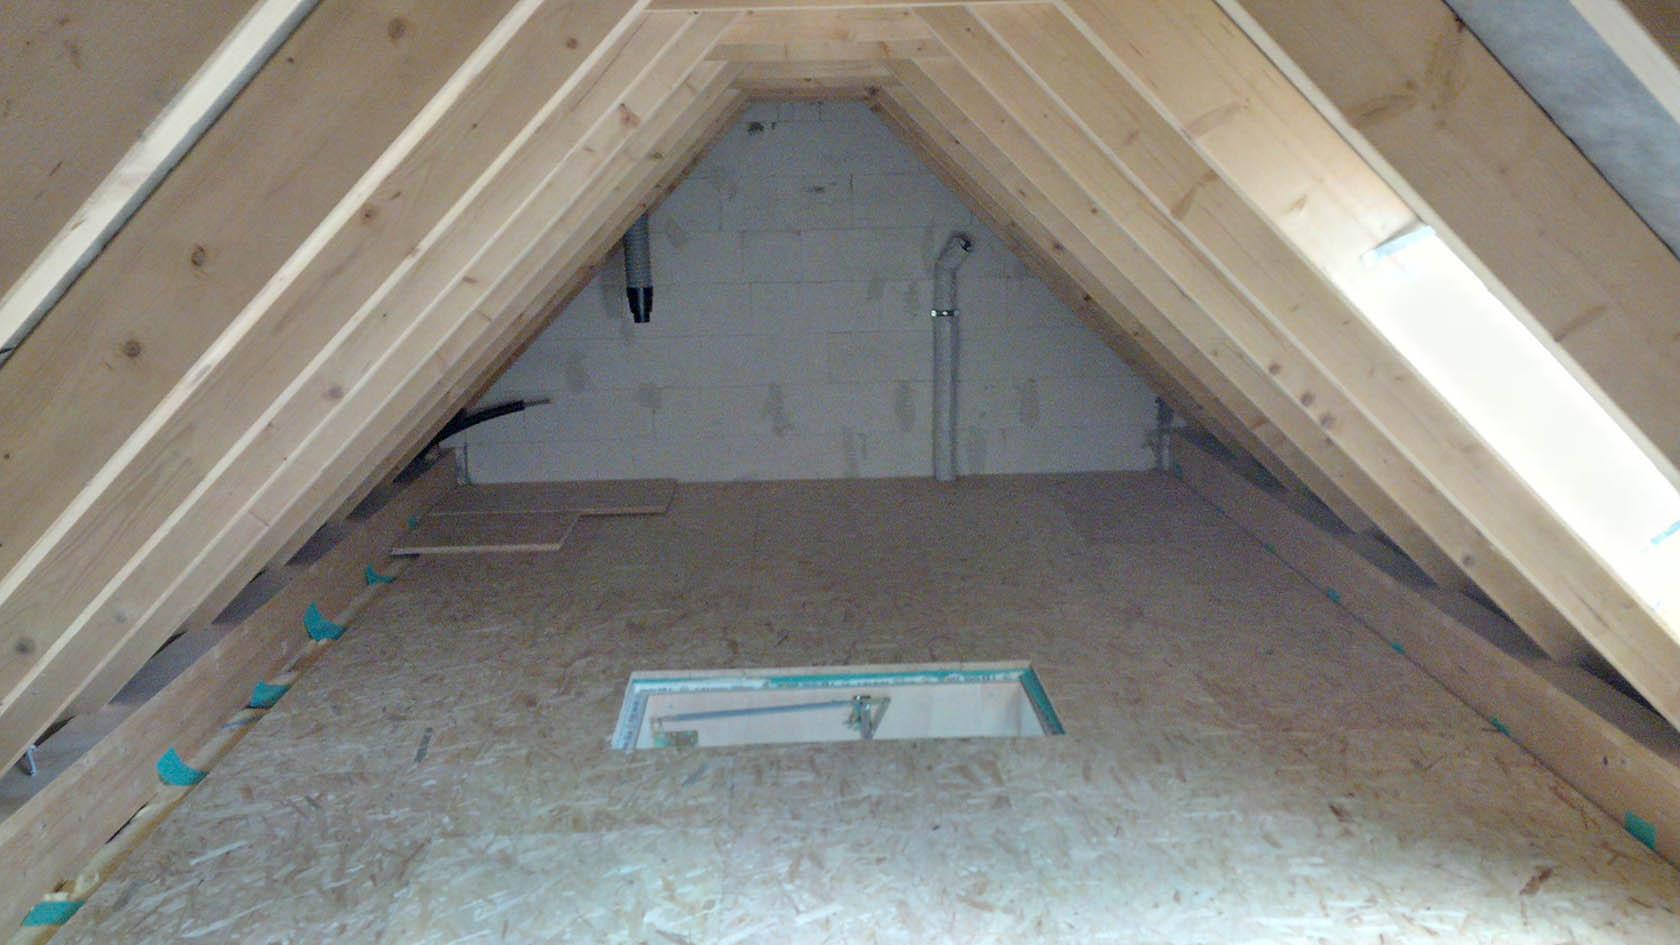 Fußboden Legen Xbmc ~ Dachboden fußboden osb ausbau des dachboden u a wir bauen dann